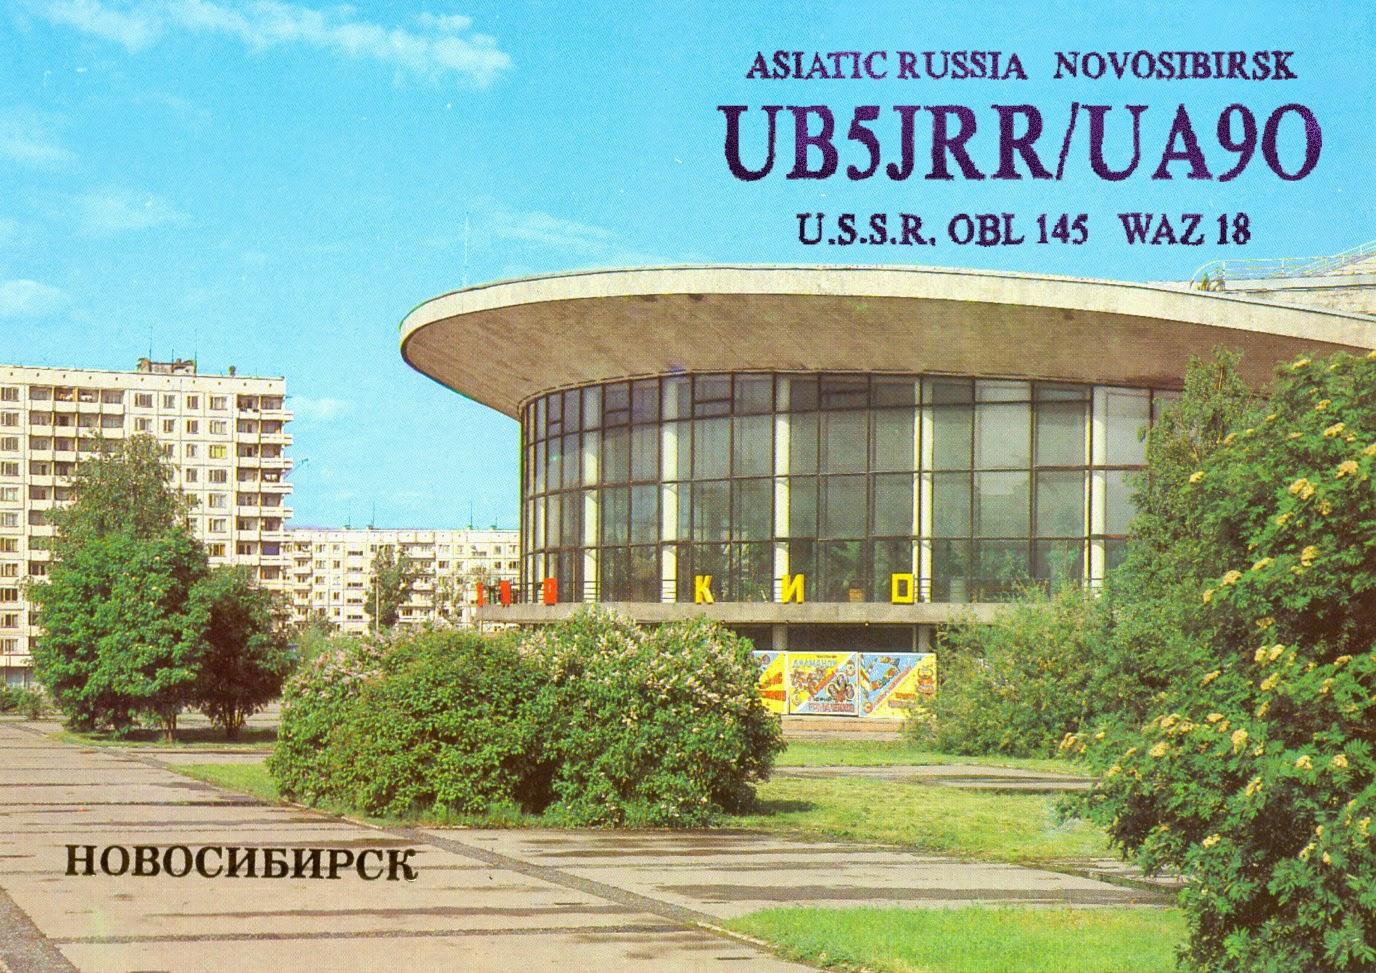 http://www.3w3rr.com/2012/09/UB5JRR-UA9O.html